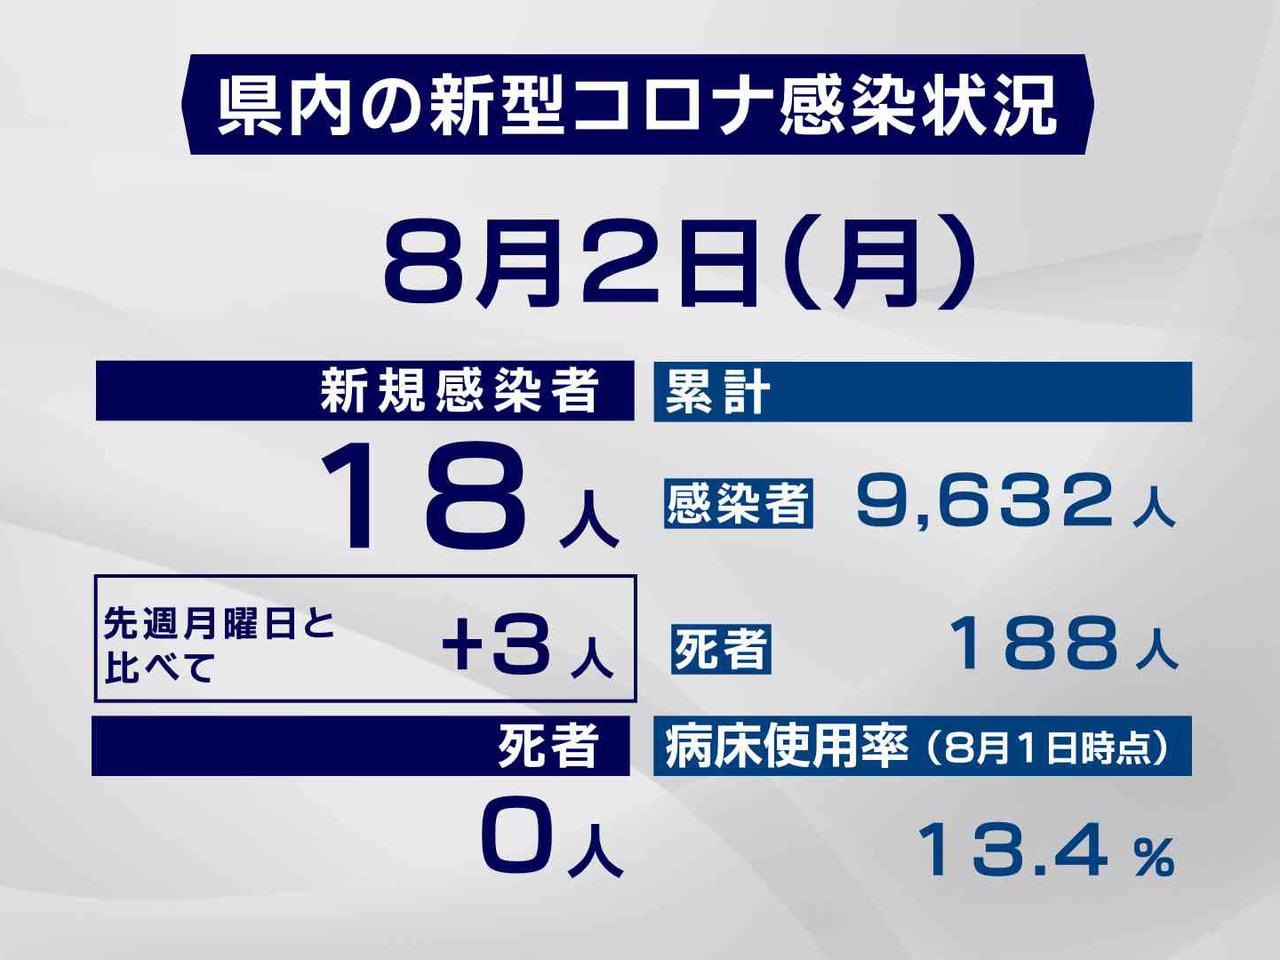 岐阜県と岐阜市は2日、新型コロナウイルスの感染者が新たに18人確認されたと発表し...